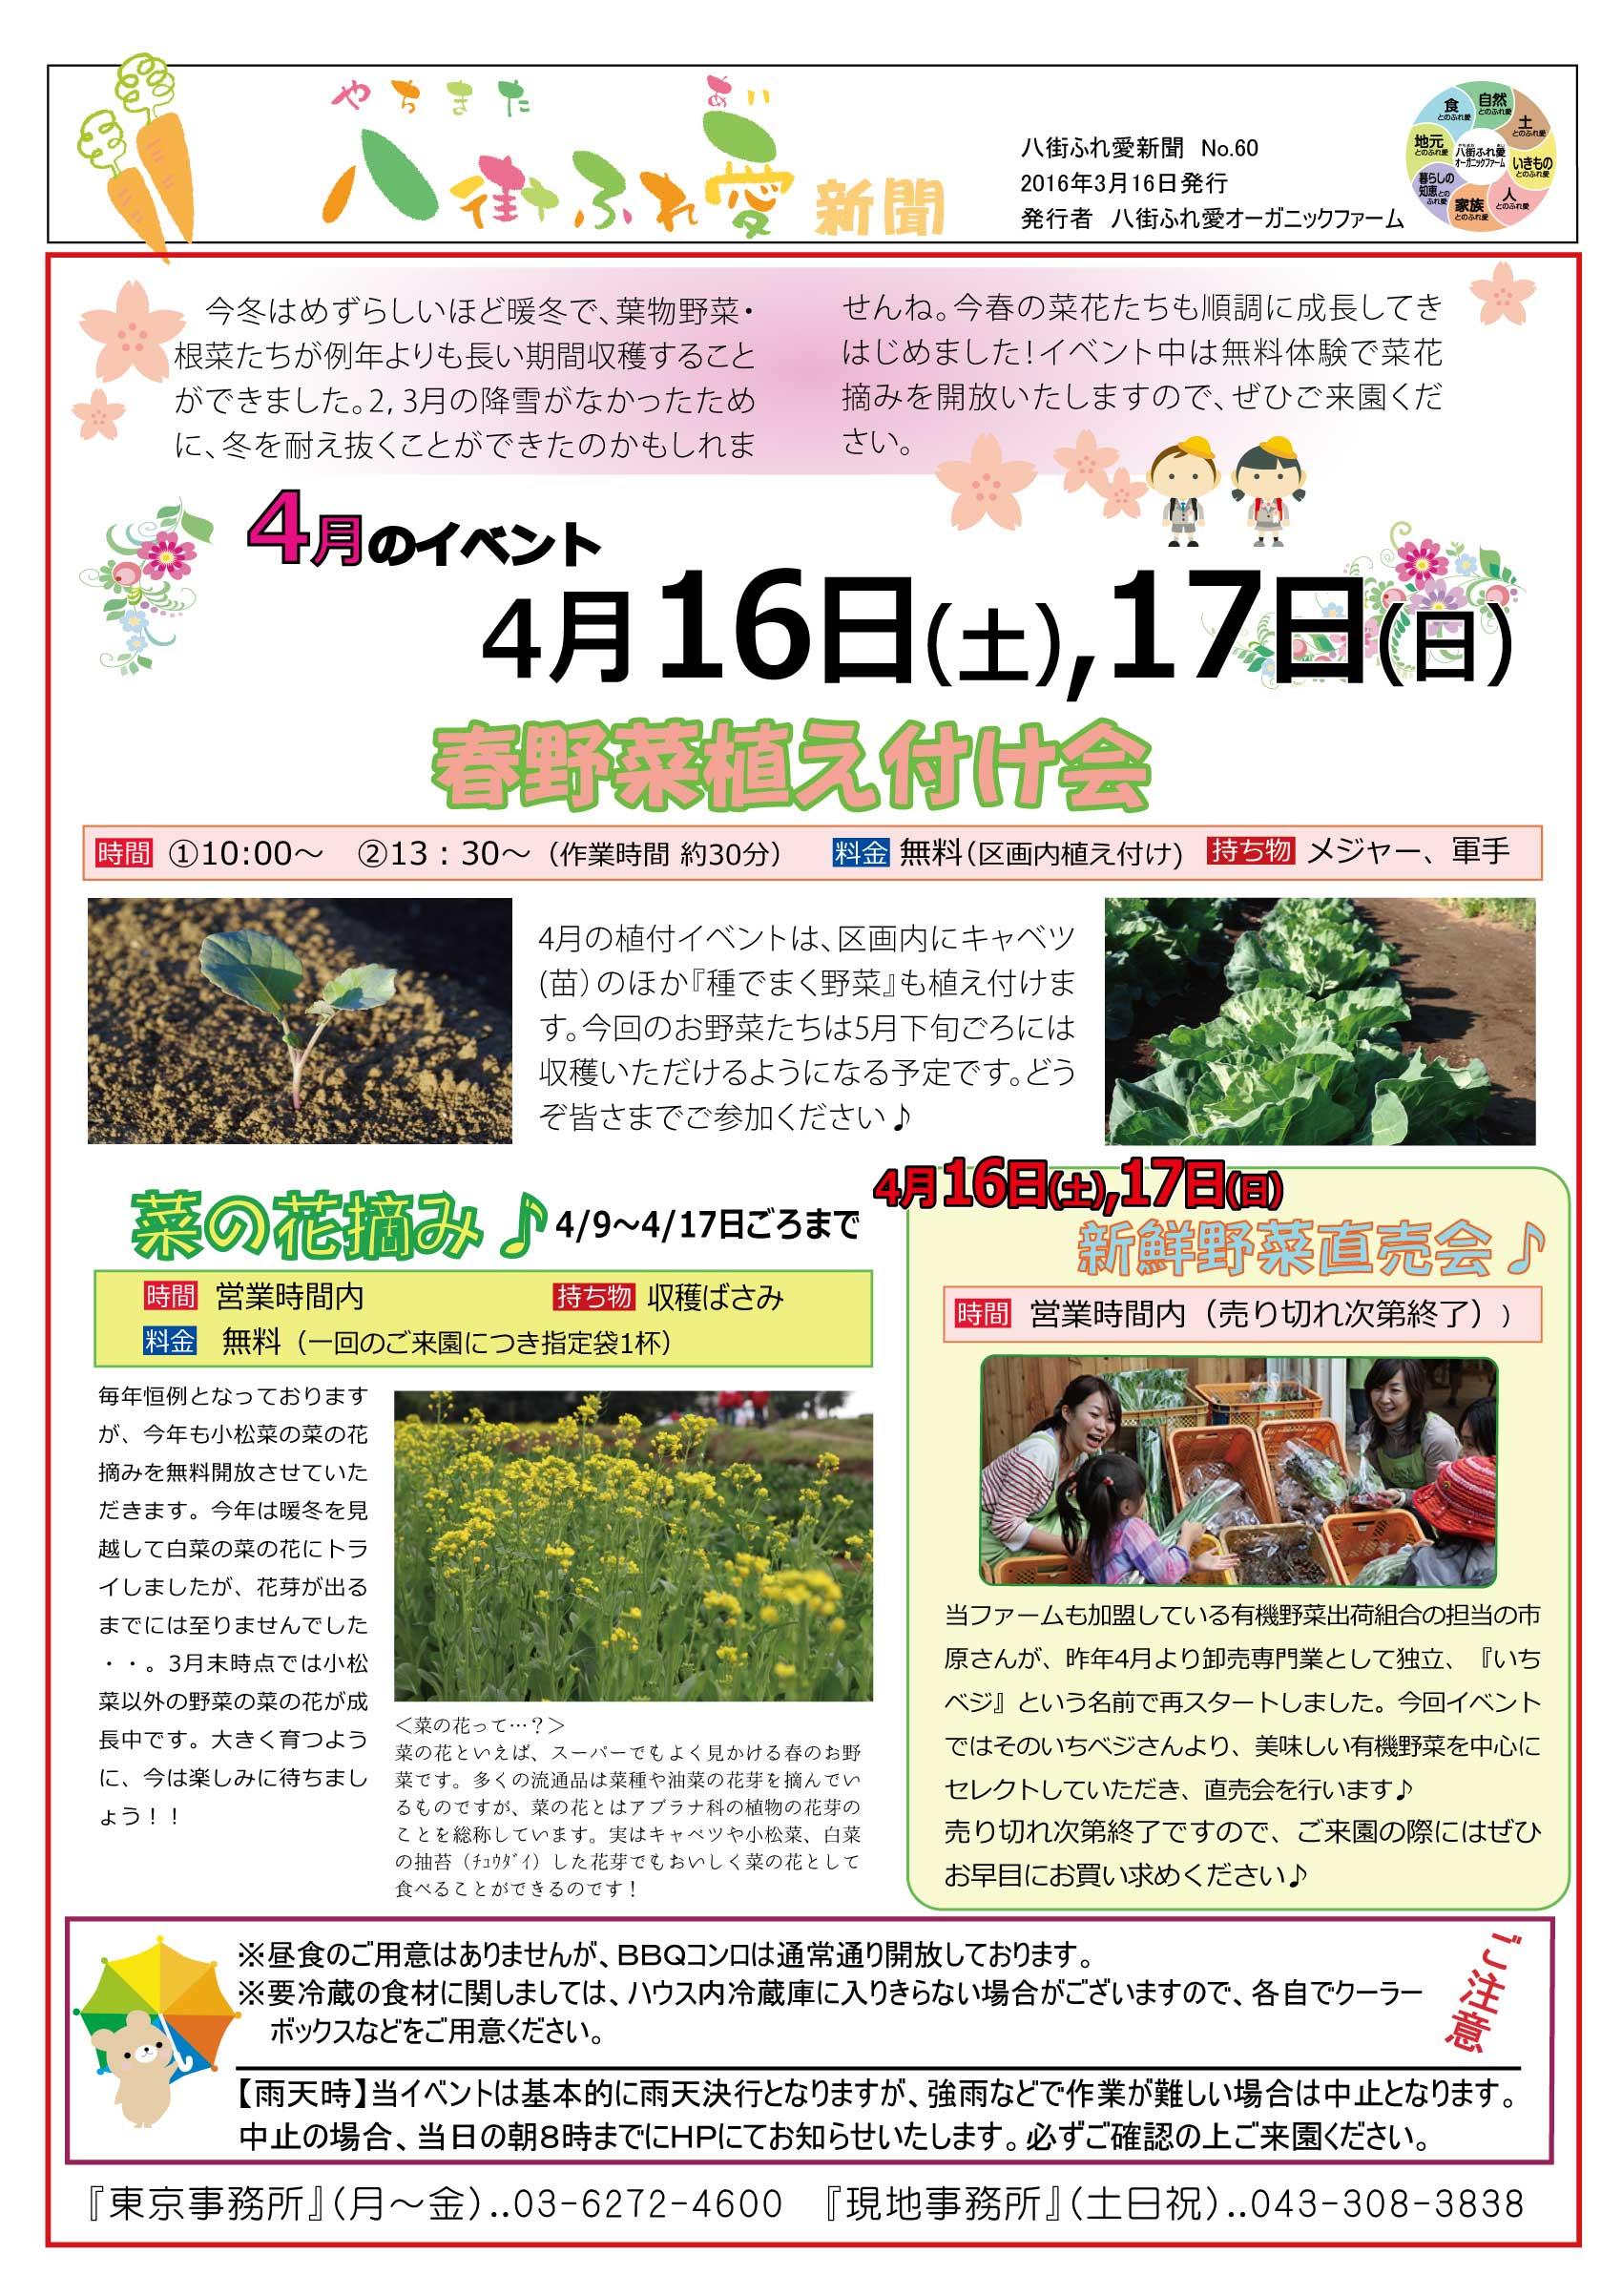 春野菜植え付け会 菜の花摘み♪新鮮野菜直売会♪